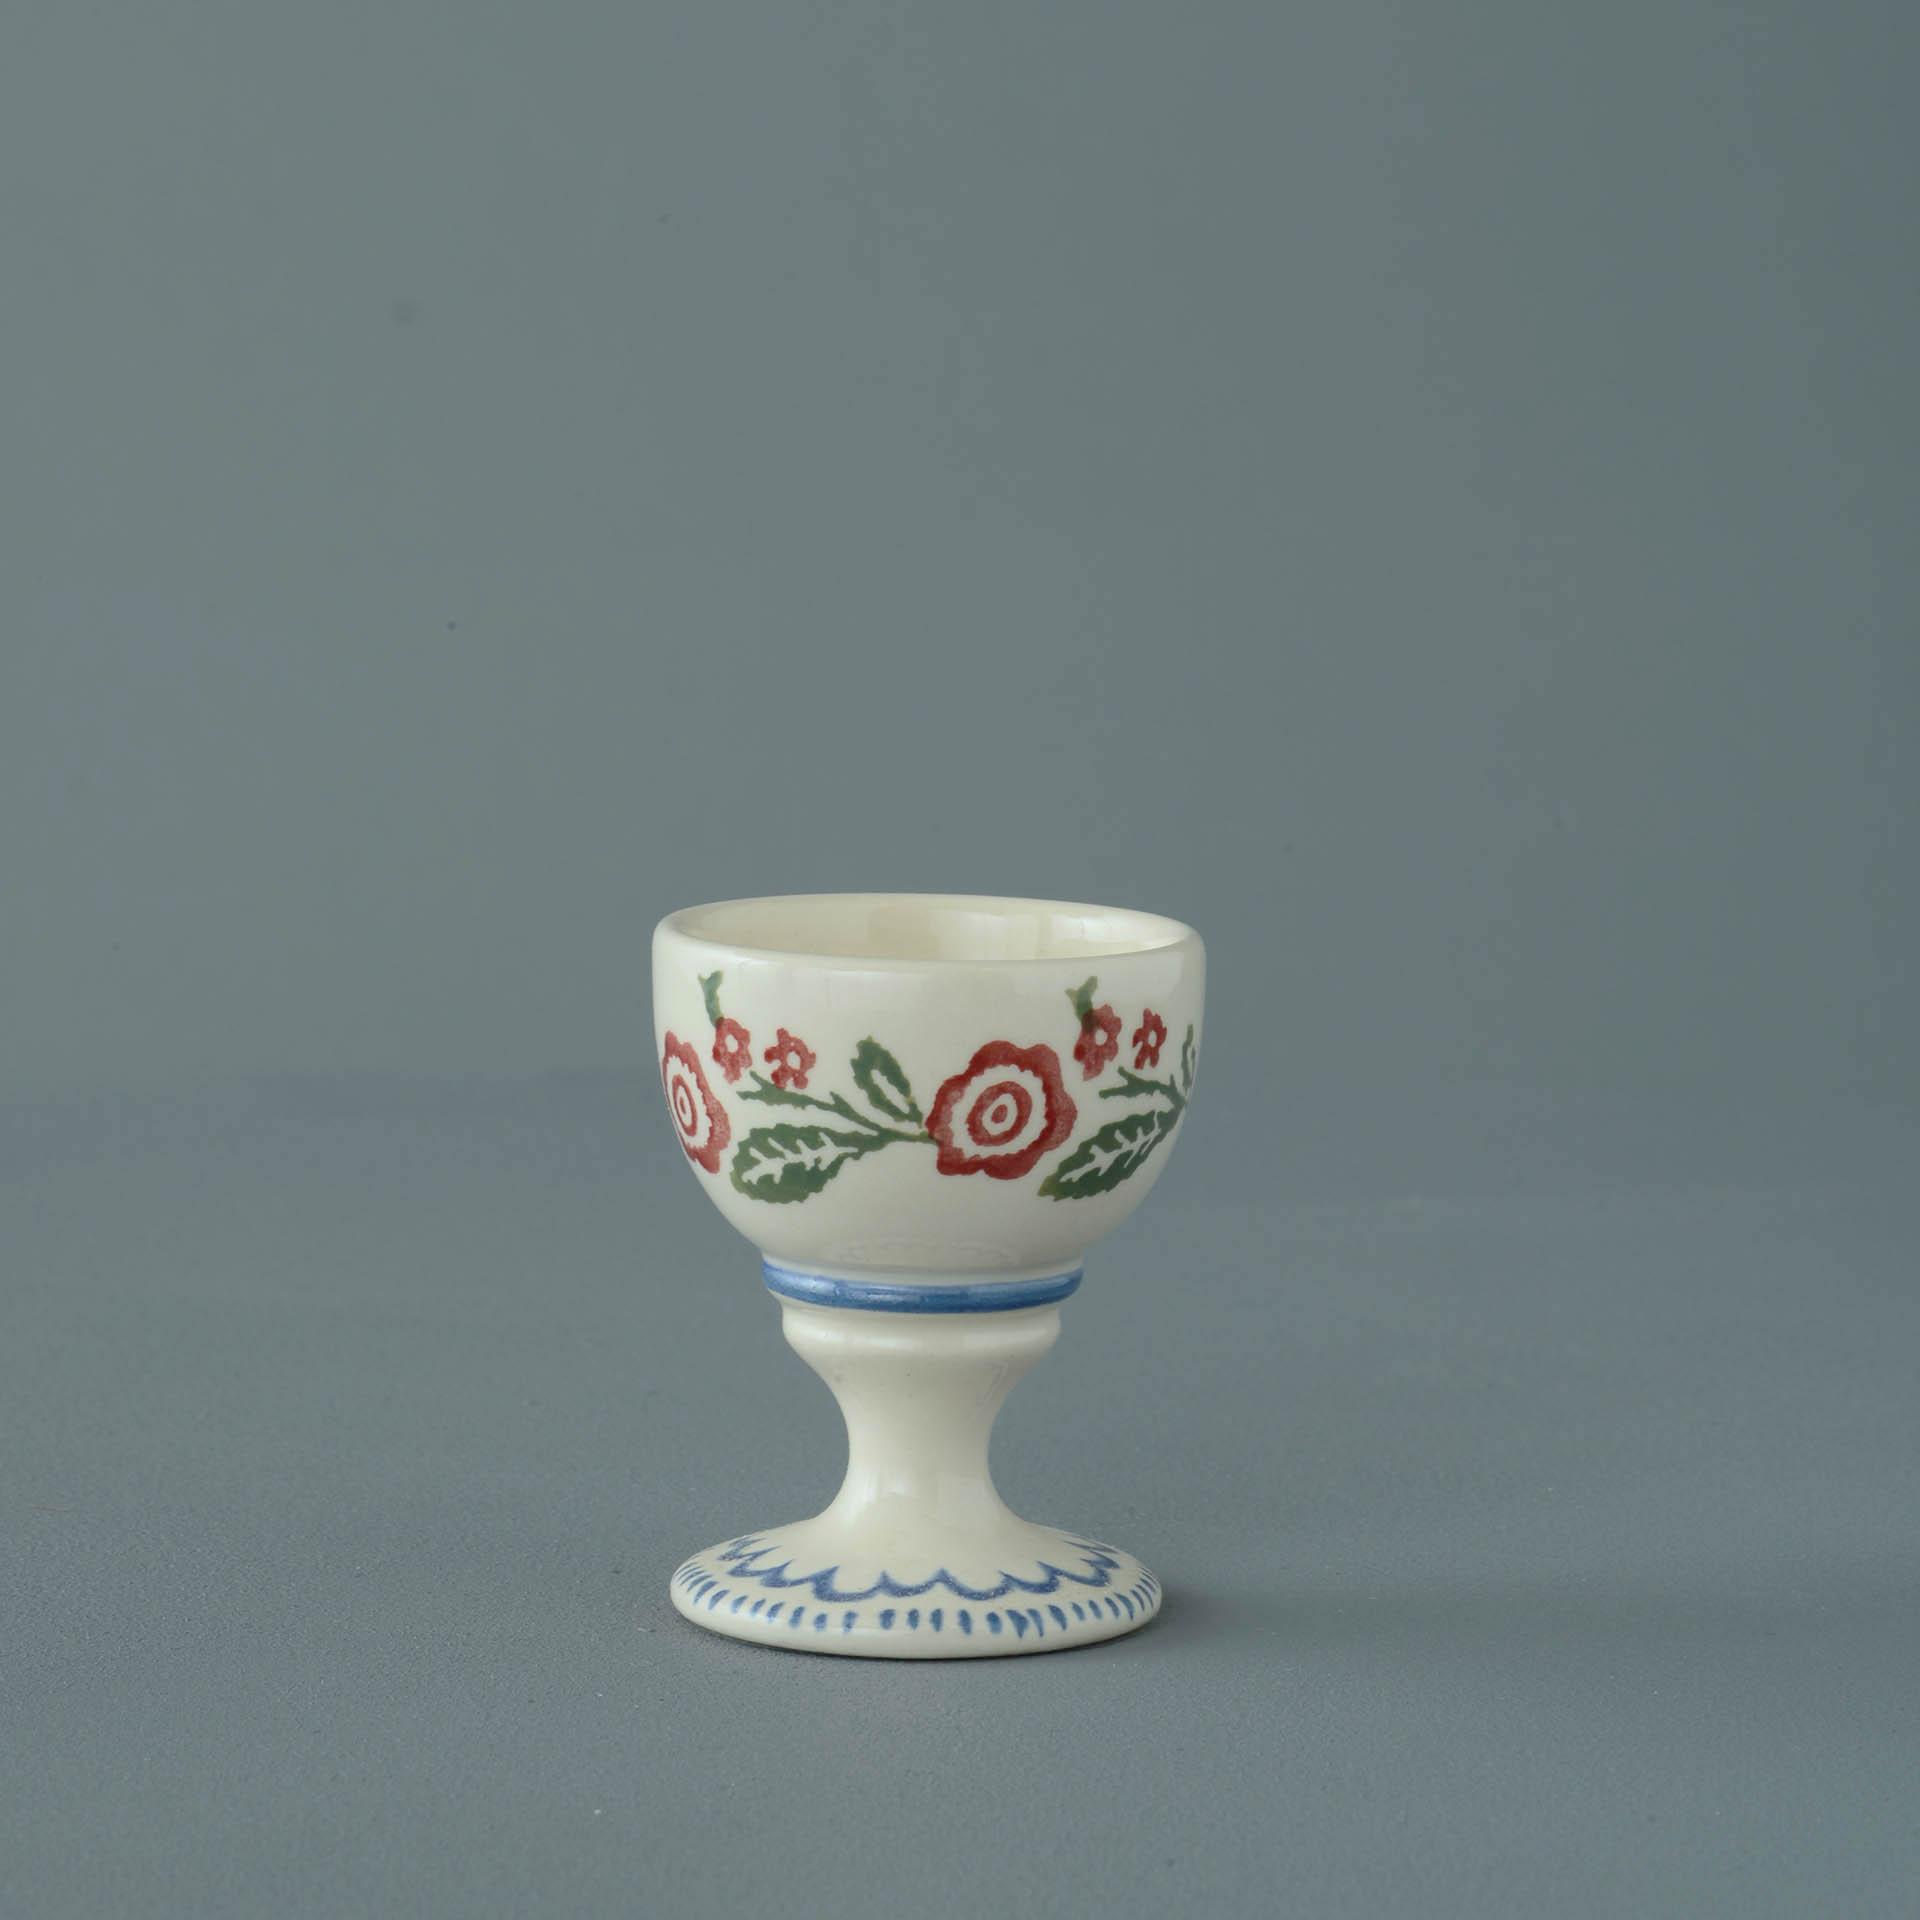 Creeping Briar Egg cup 6.3 x 5.2cm